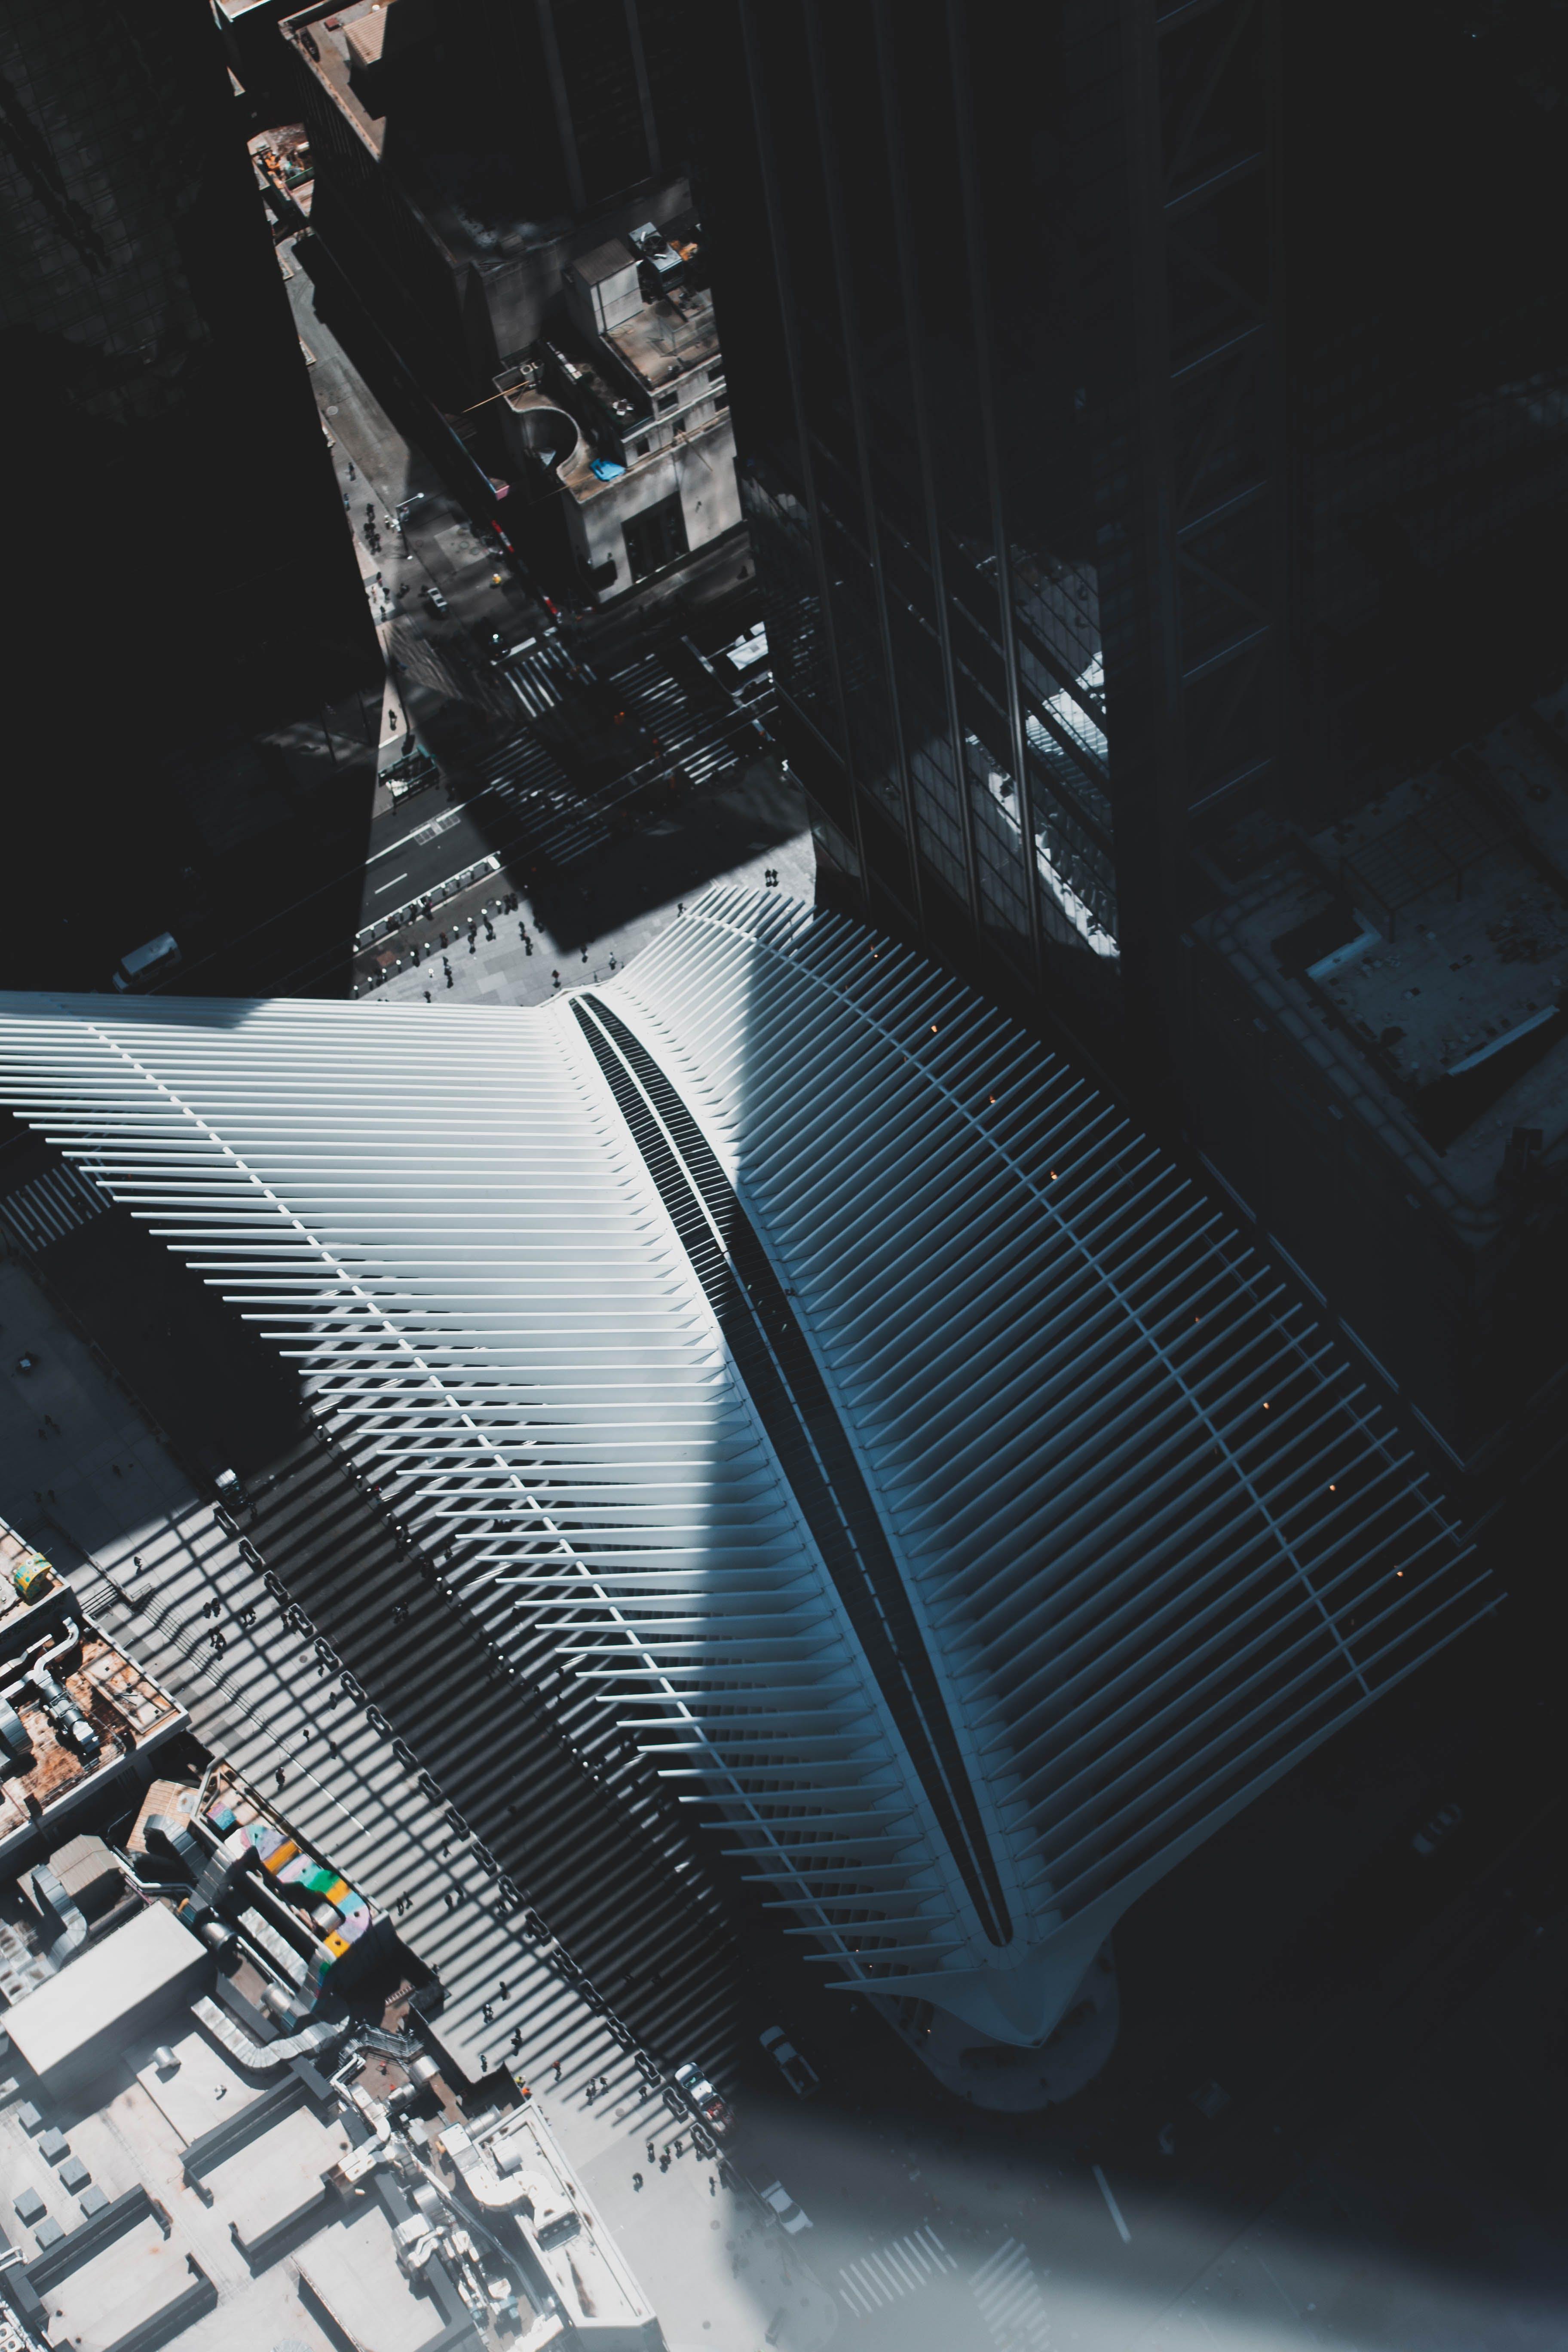 건물, 건축, 경치, 교통체계의 무료 스톡 사진